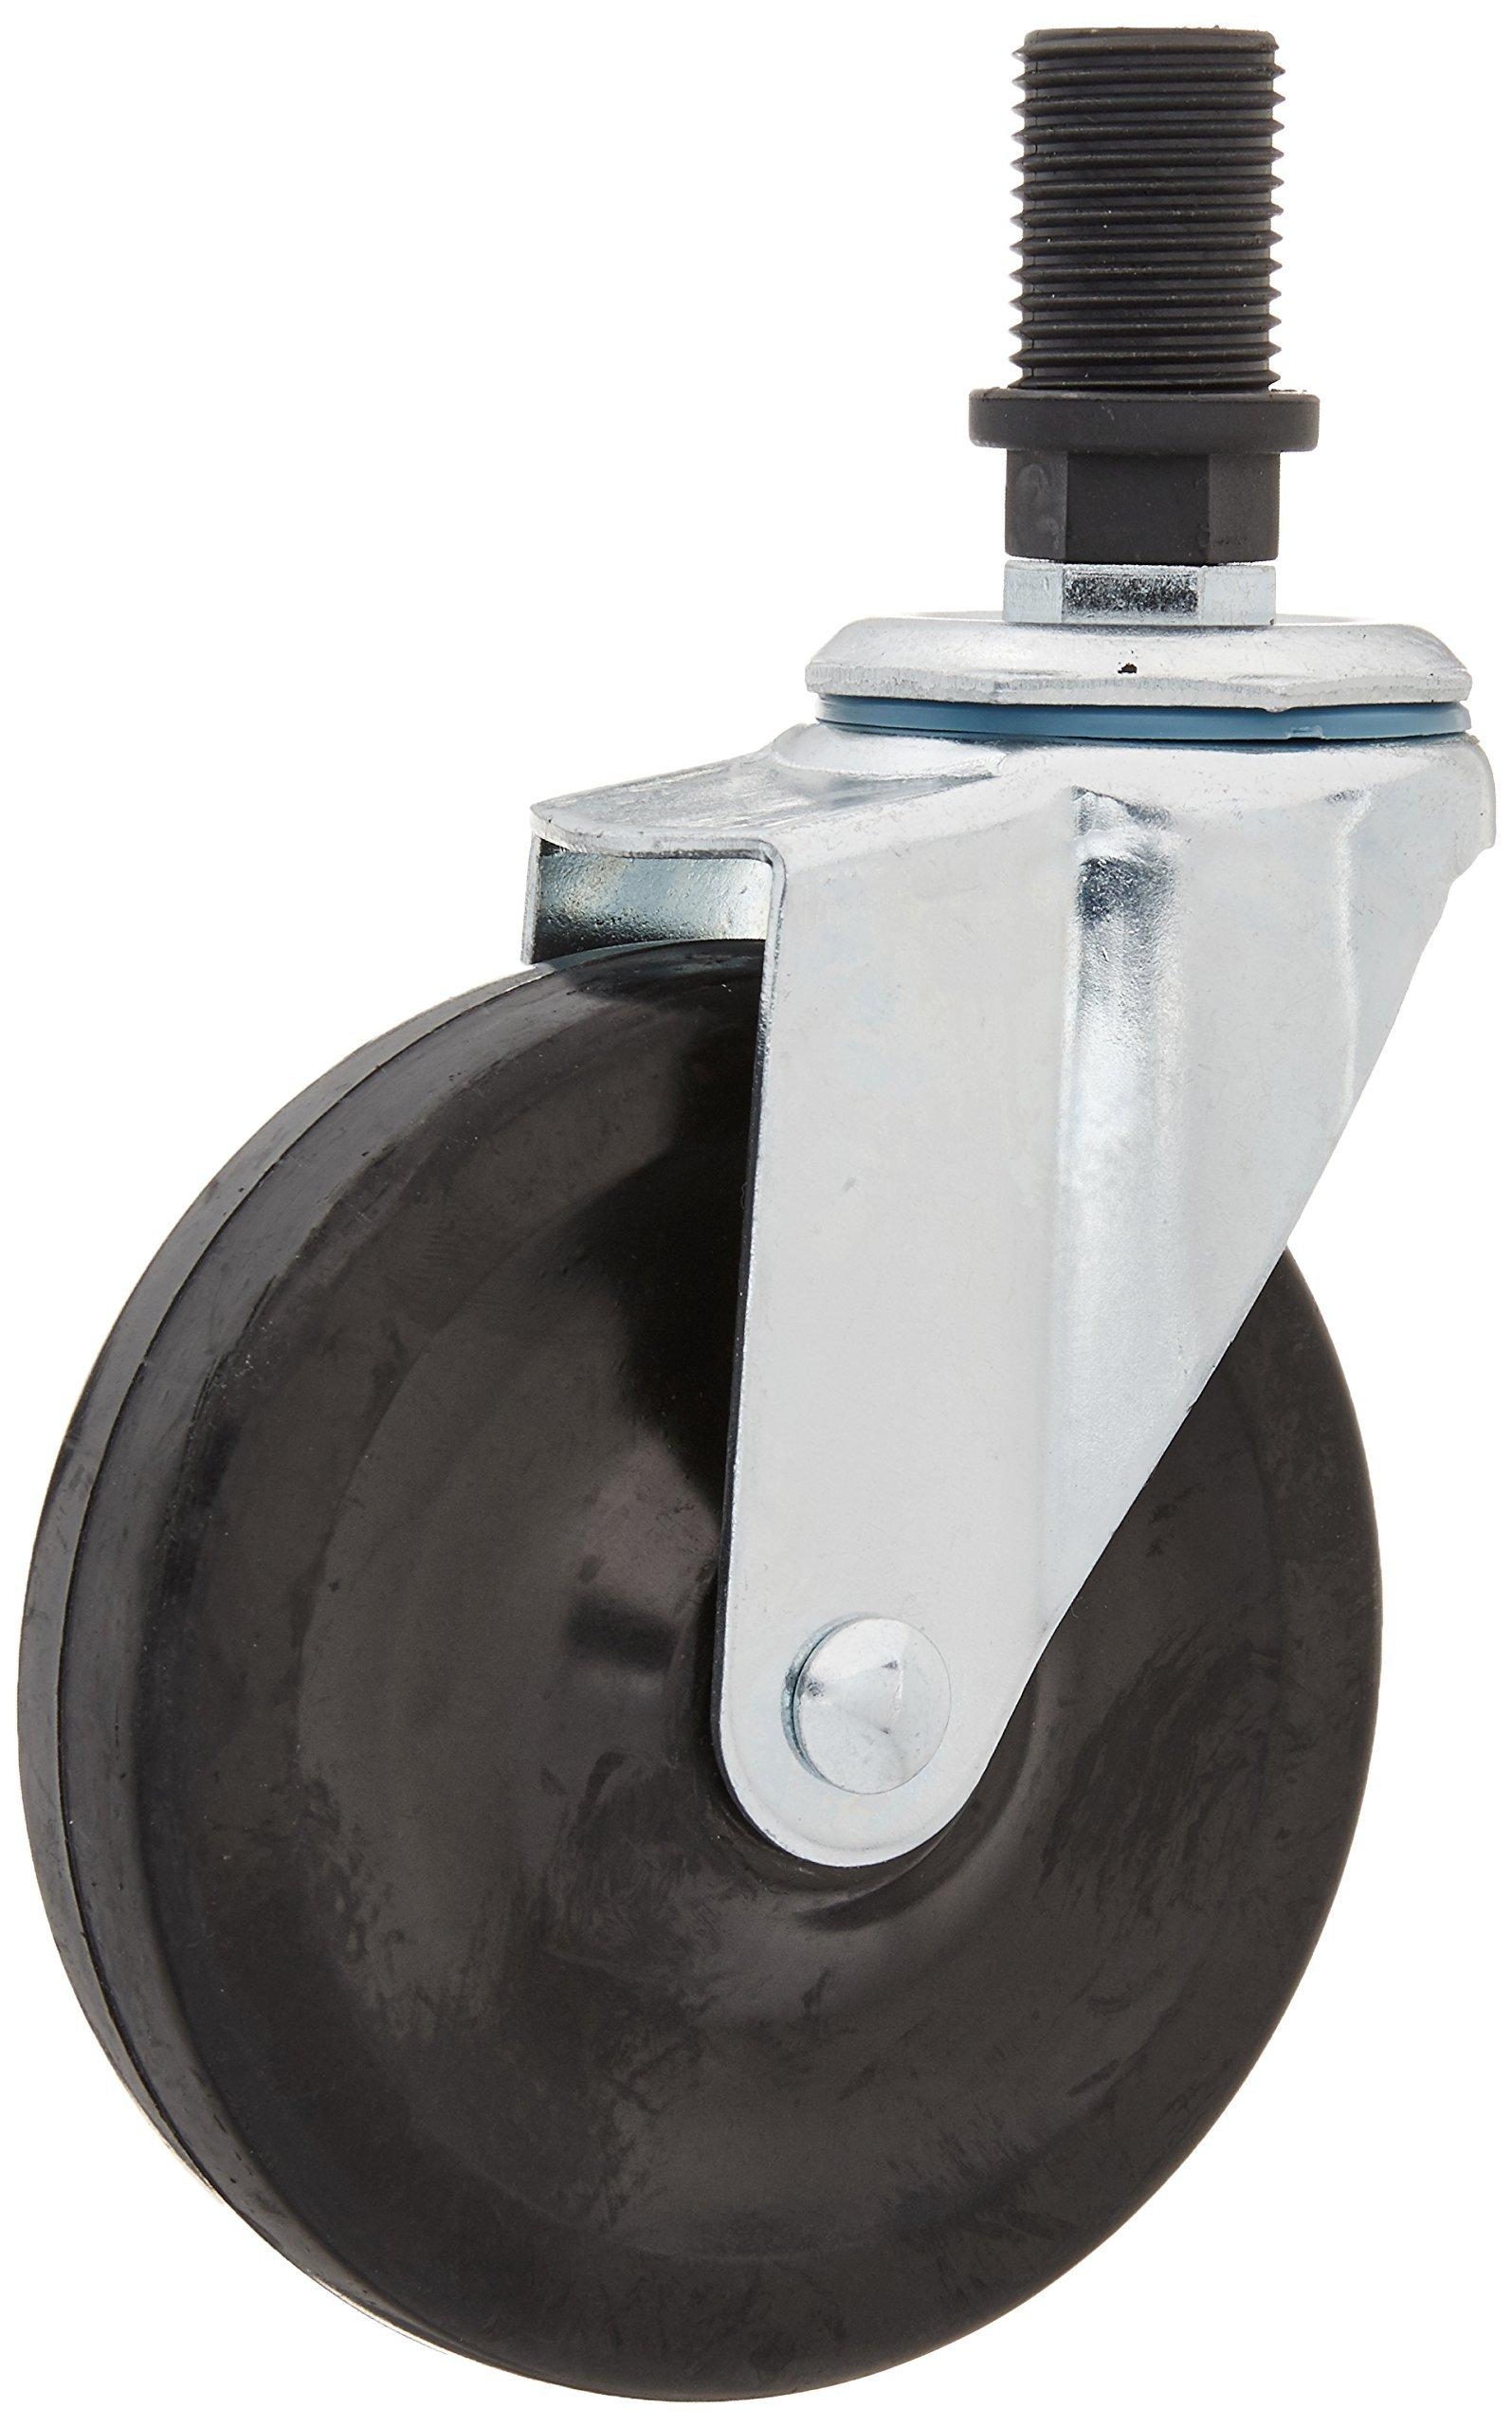 TRINITY Table Caster Kit  (ZSV-99-019-4010)